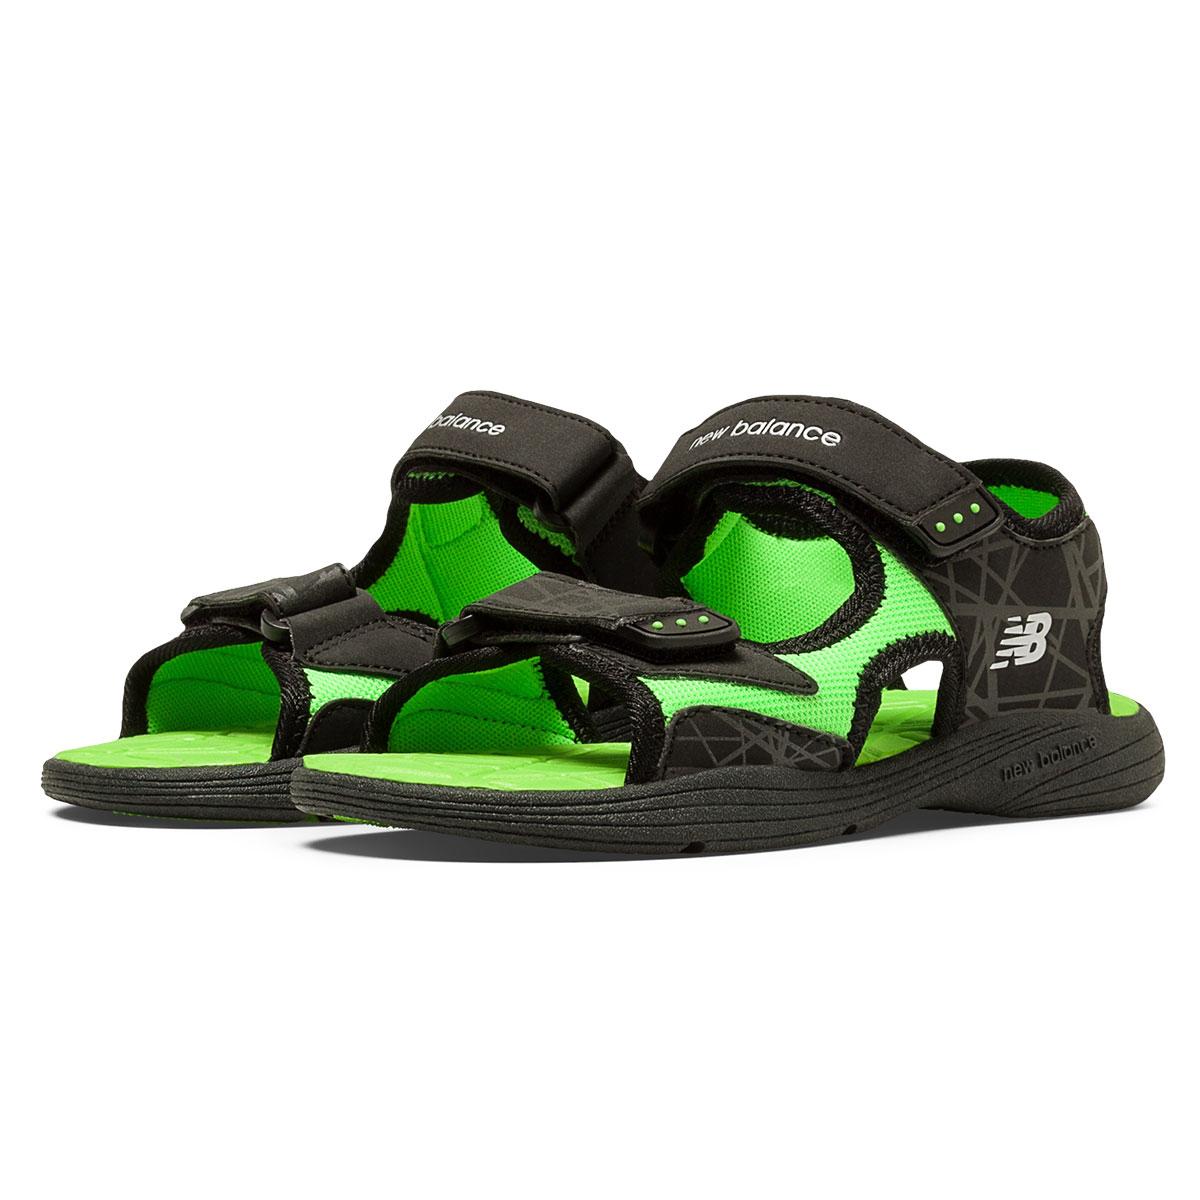 BALANCE Boys' Poolside Sandals V2, Wide